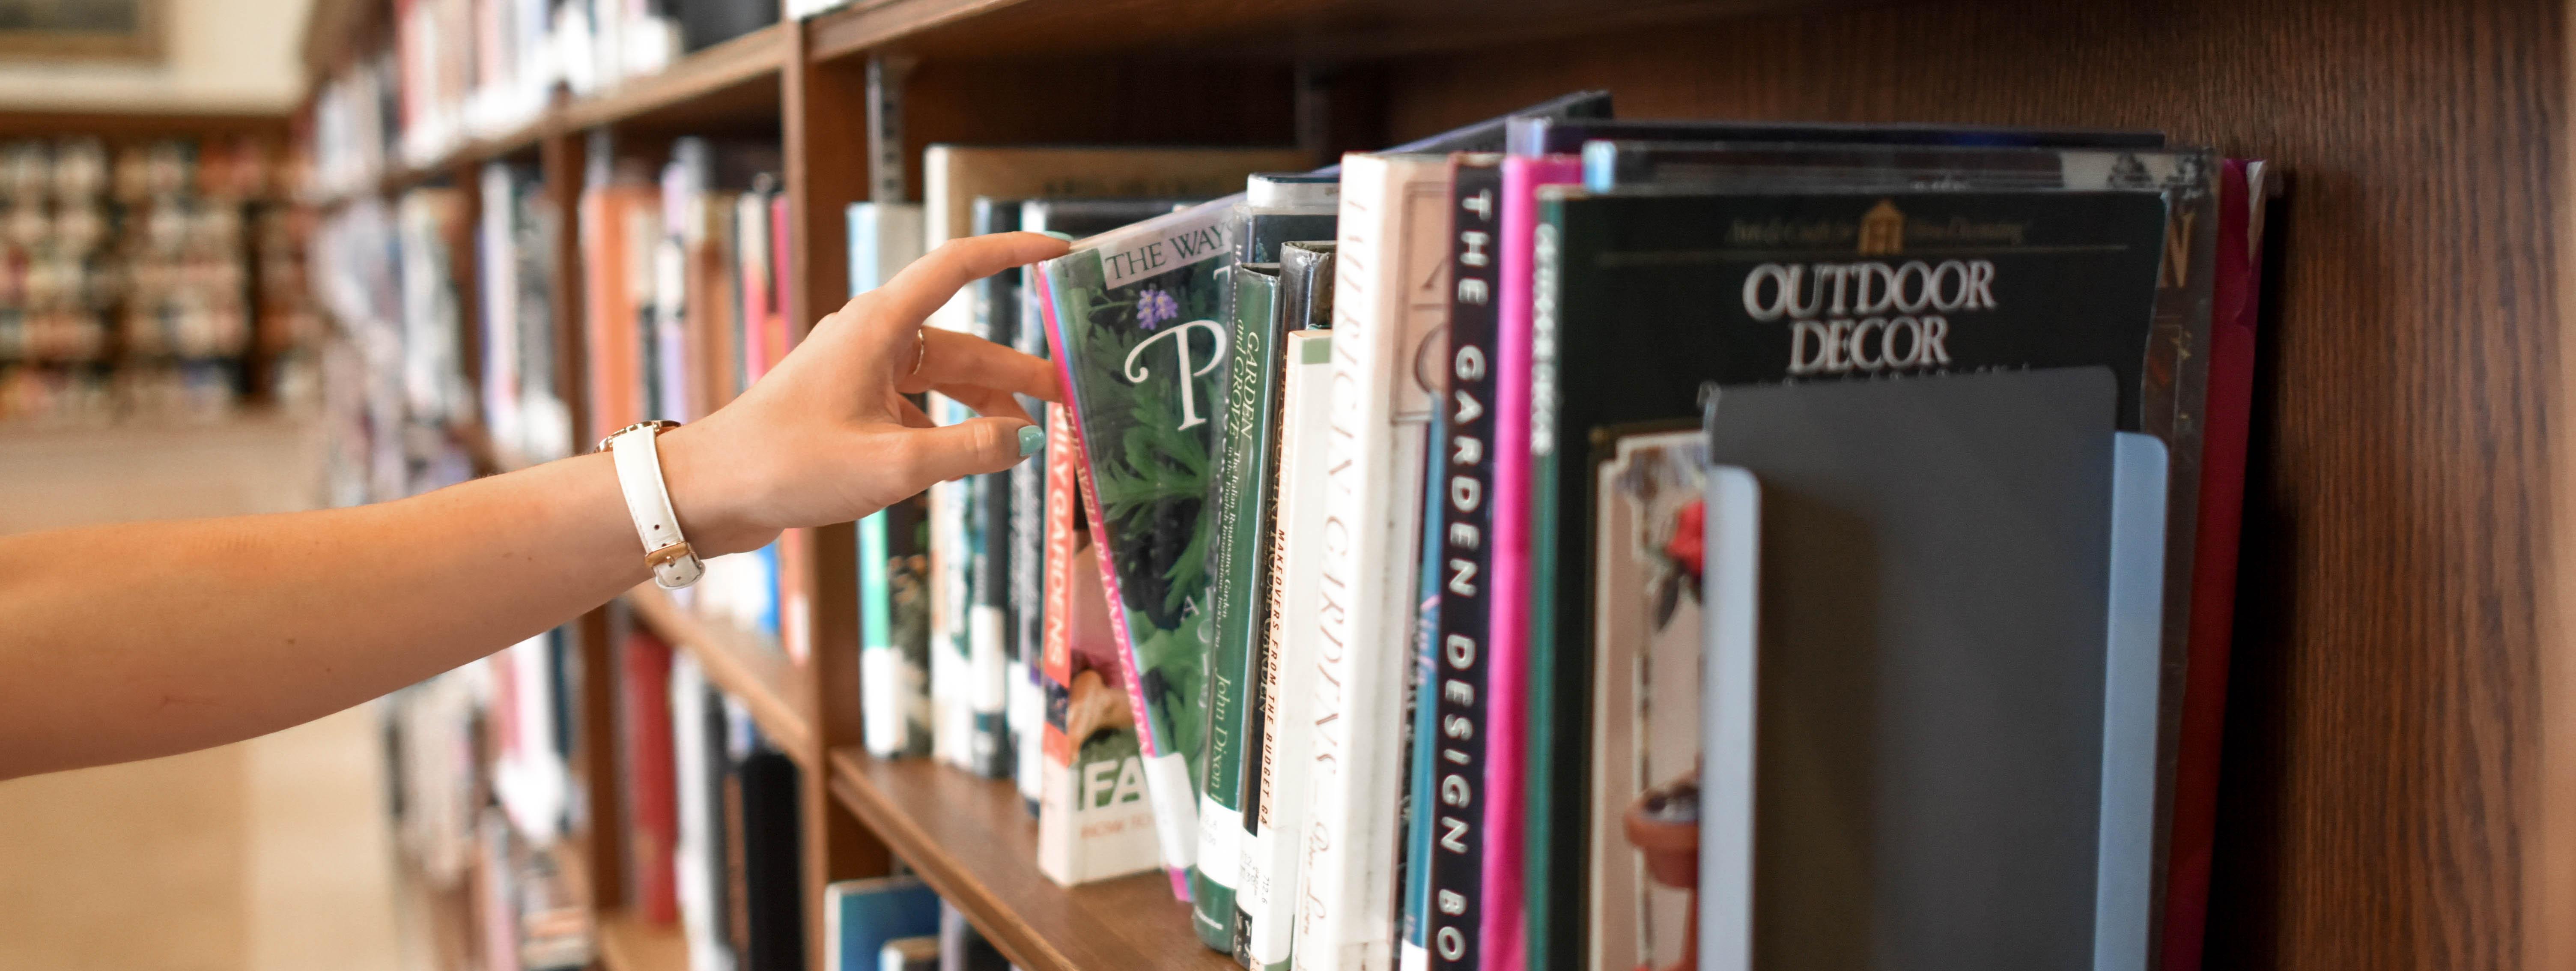 hand reaching to bookshelf